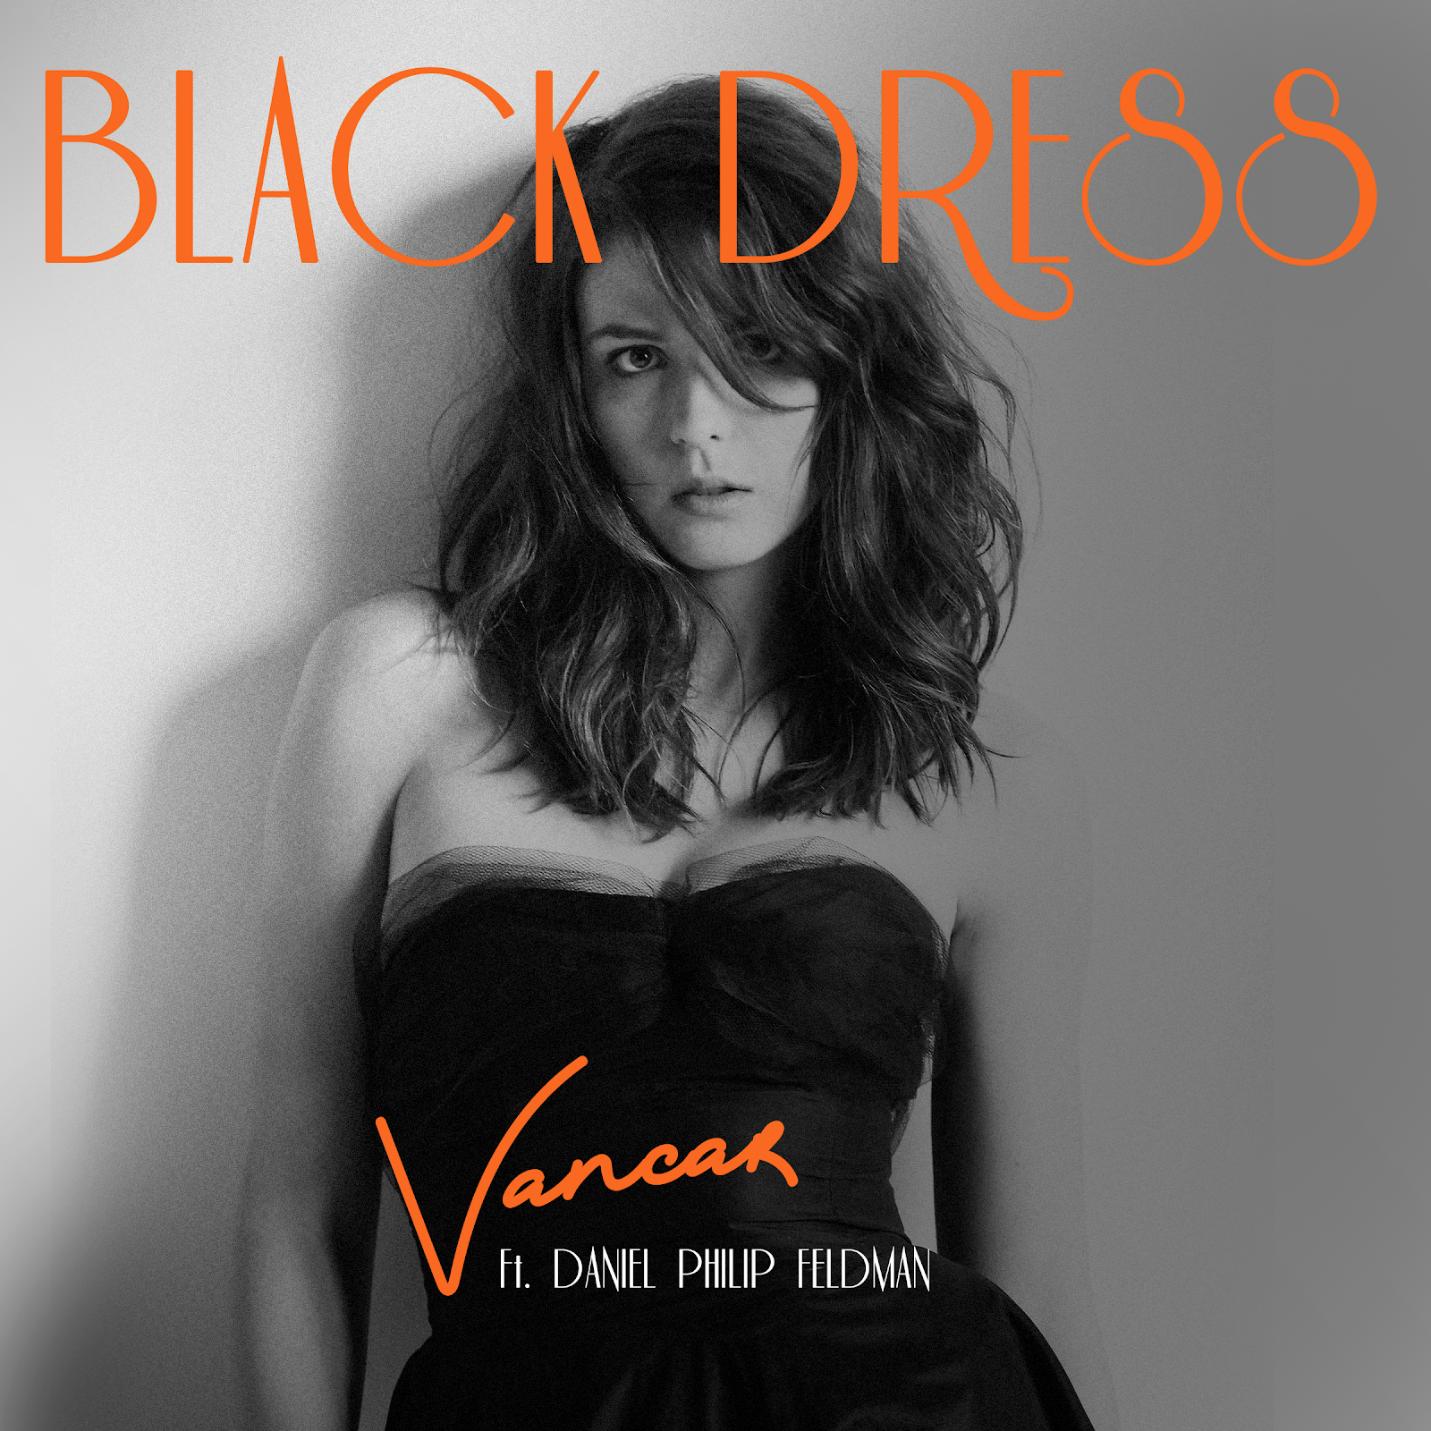 vancar black.png